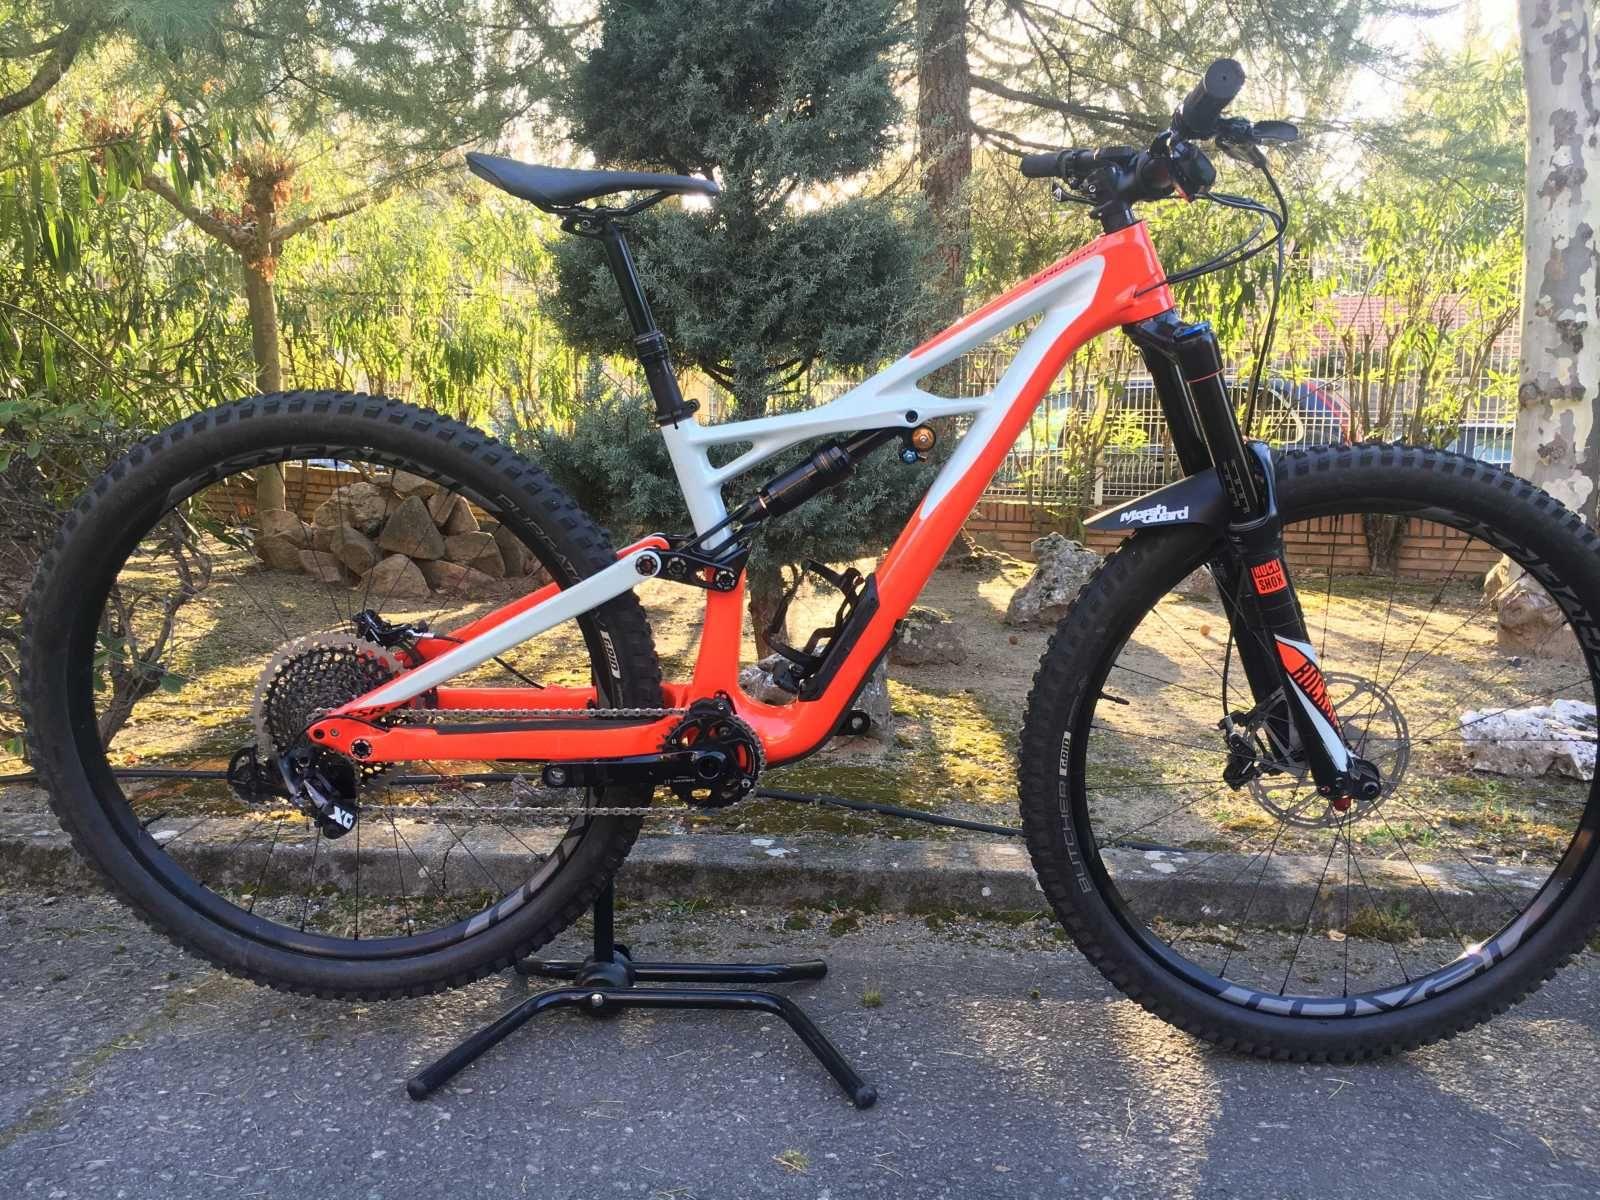 Bicicleta De Montaña Specialized Enduro Ref 44601 Talla S Año 2017 Cambio Sram X01 Eagle Cuadro De Carbono Suspensión Dobl Bicicletas Bicicletas Mtb Mtb